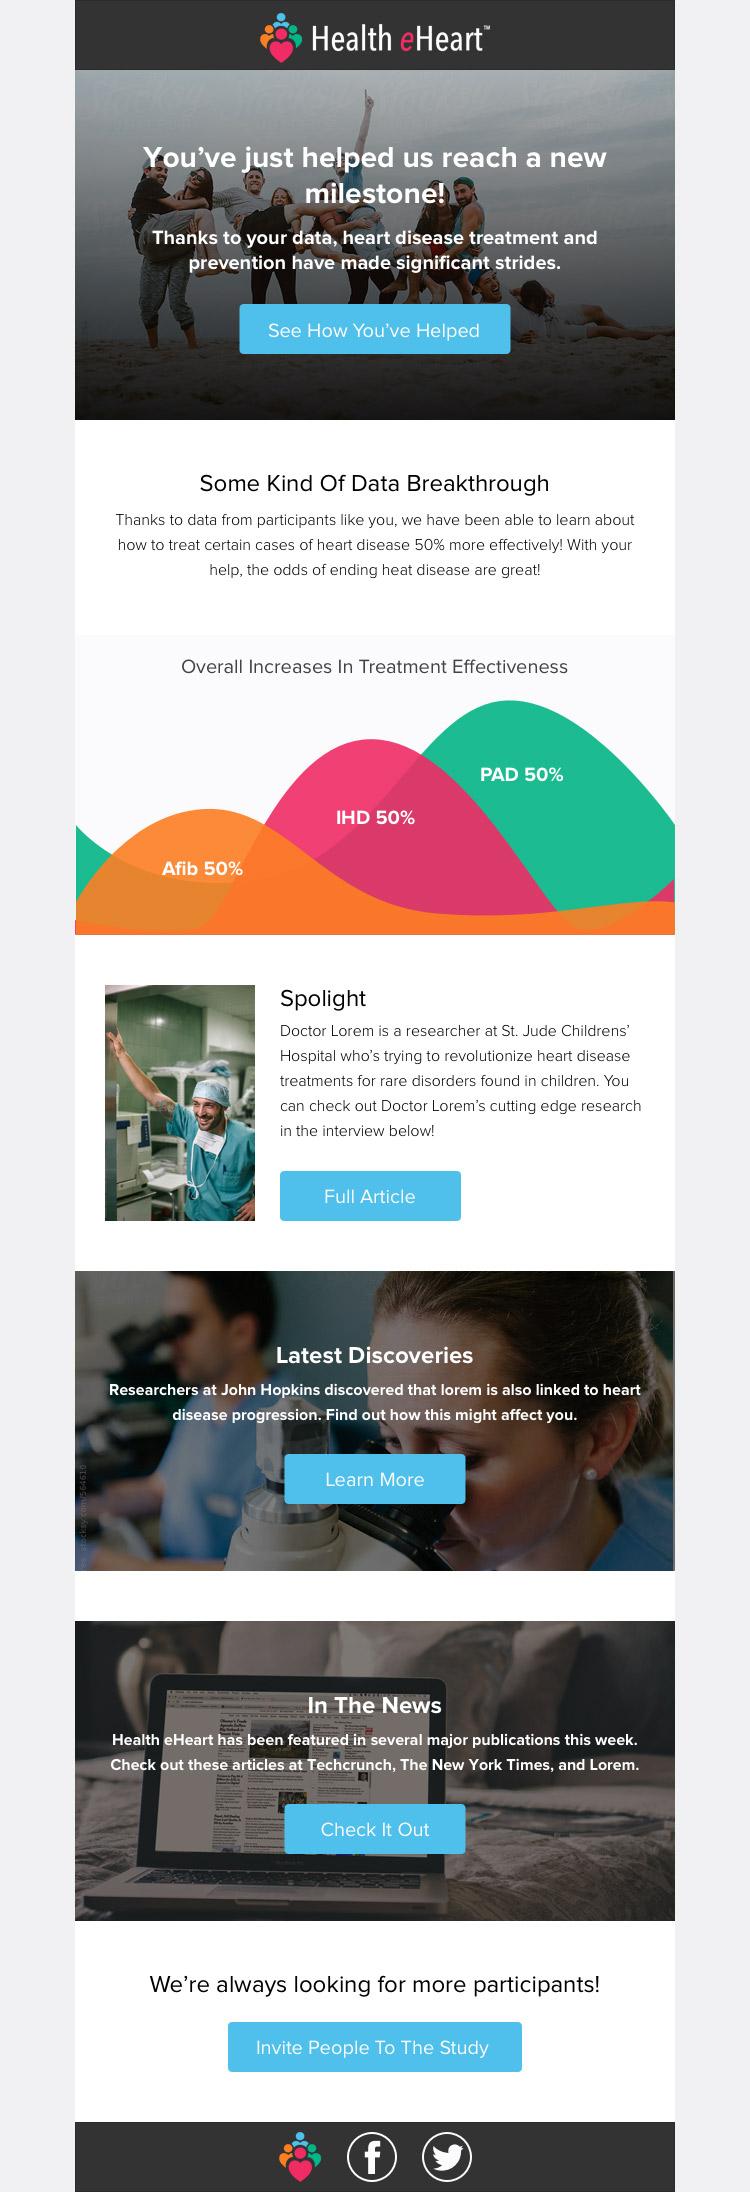 Health eHeart Newsletter design example